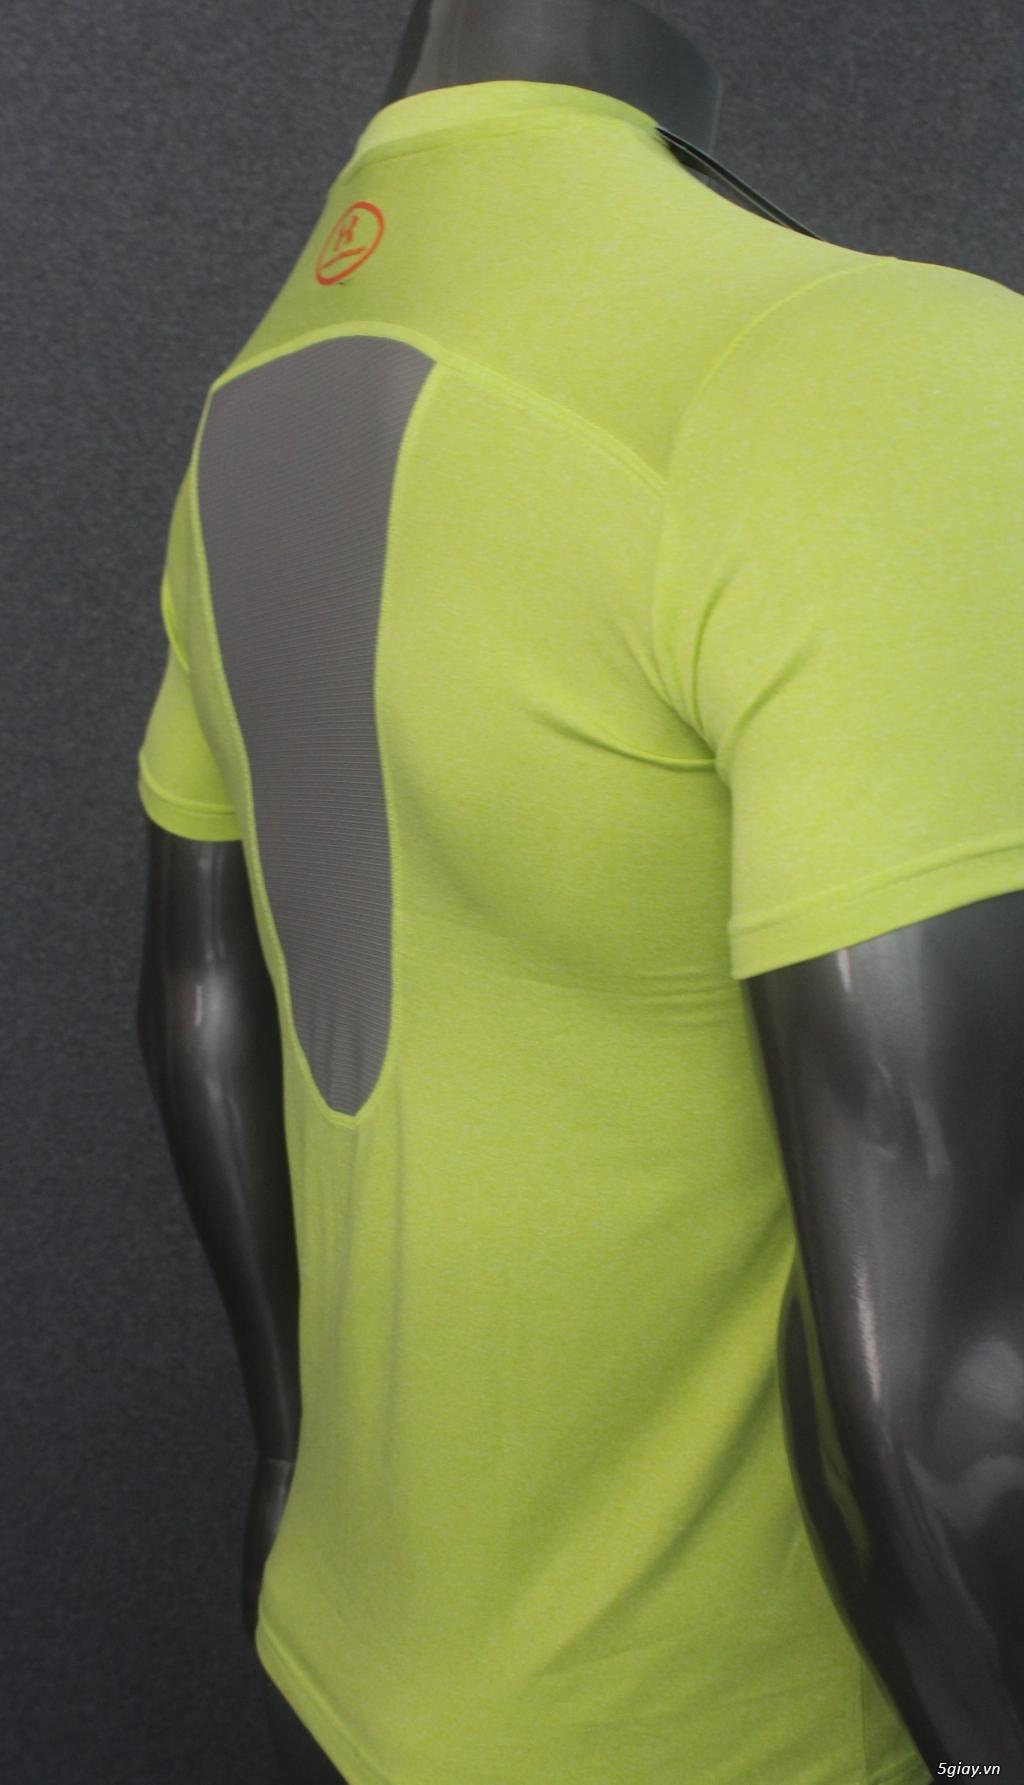 Chuyên cung cấp quần áo thể thao Adidas,Nike,Under Armour,Puma...trên Toàn Quốc giá xưởng - 23